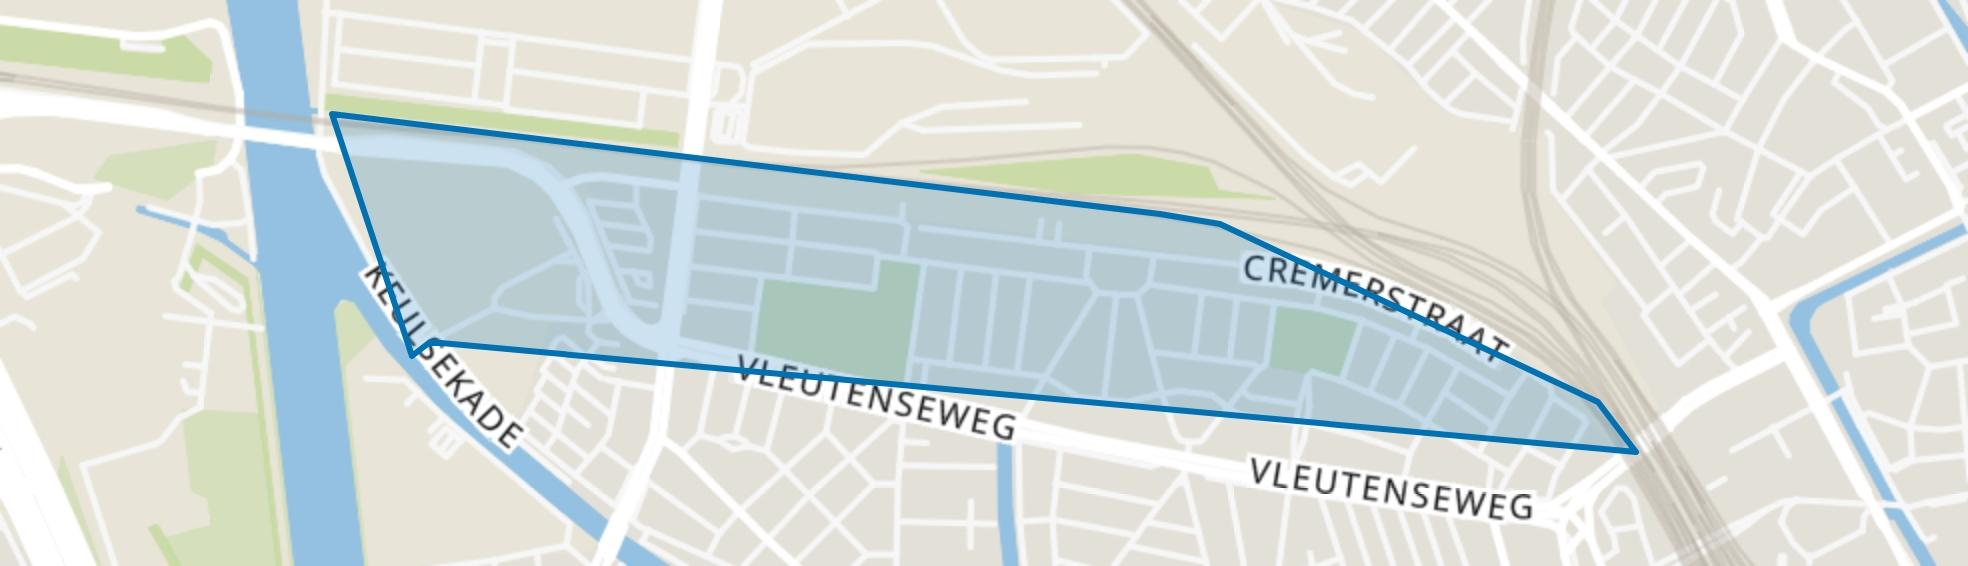 Nieuw Engeland, Th. a. Kempisplantsoen en omgeving, Utrecht map